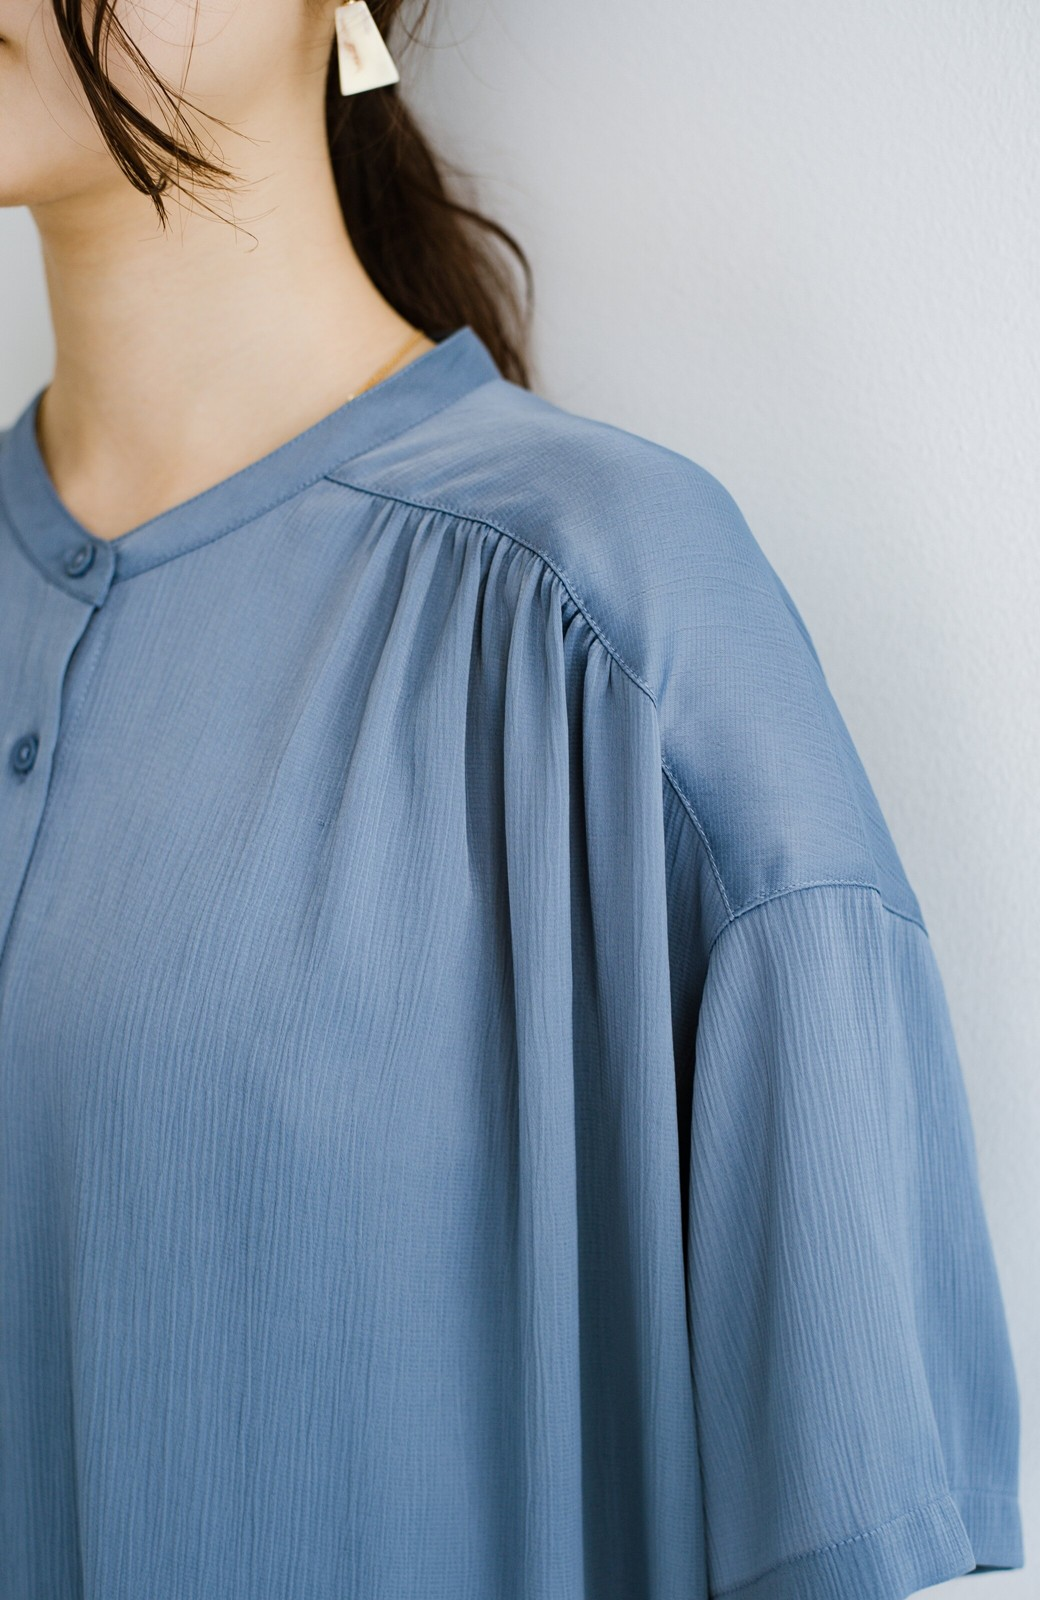 haco! 羽織としてもワンピースとしても着られちゃう 後ろ姿まで抜かりなくかわいいプリーツワンピース <ブルー>の商品写真12